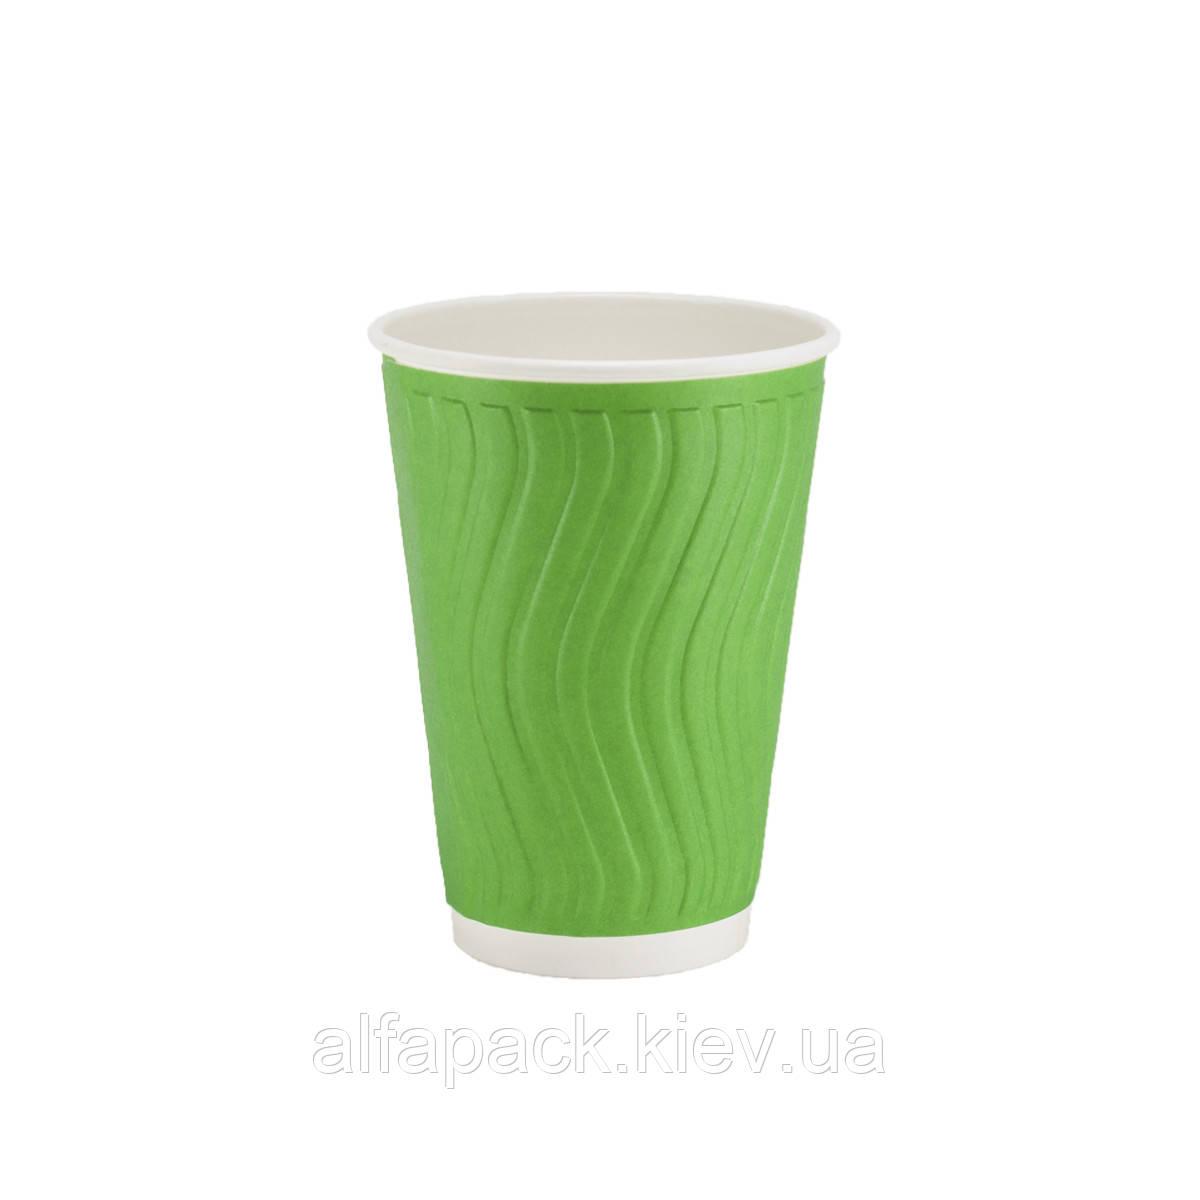 Гофрированный стакан волна зеленый 500 мл